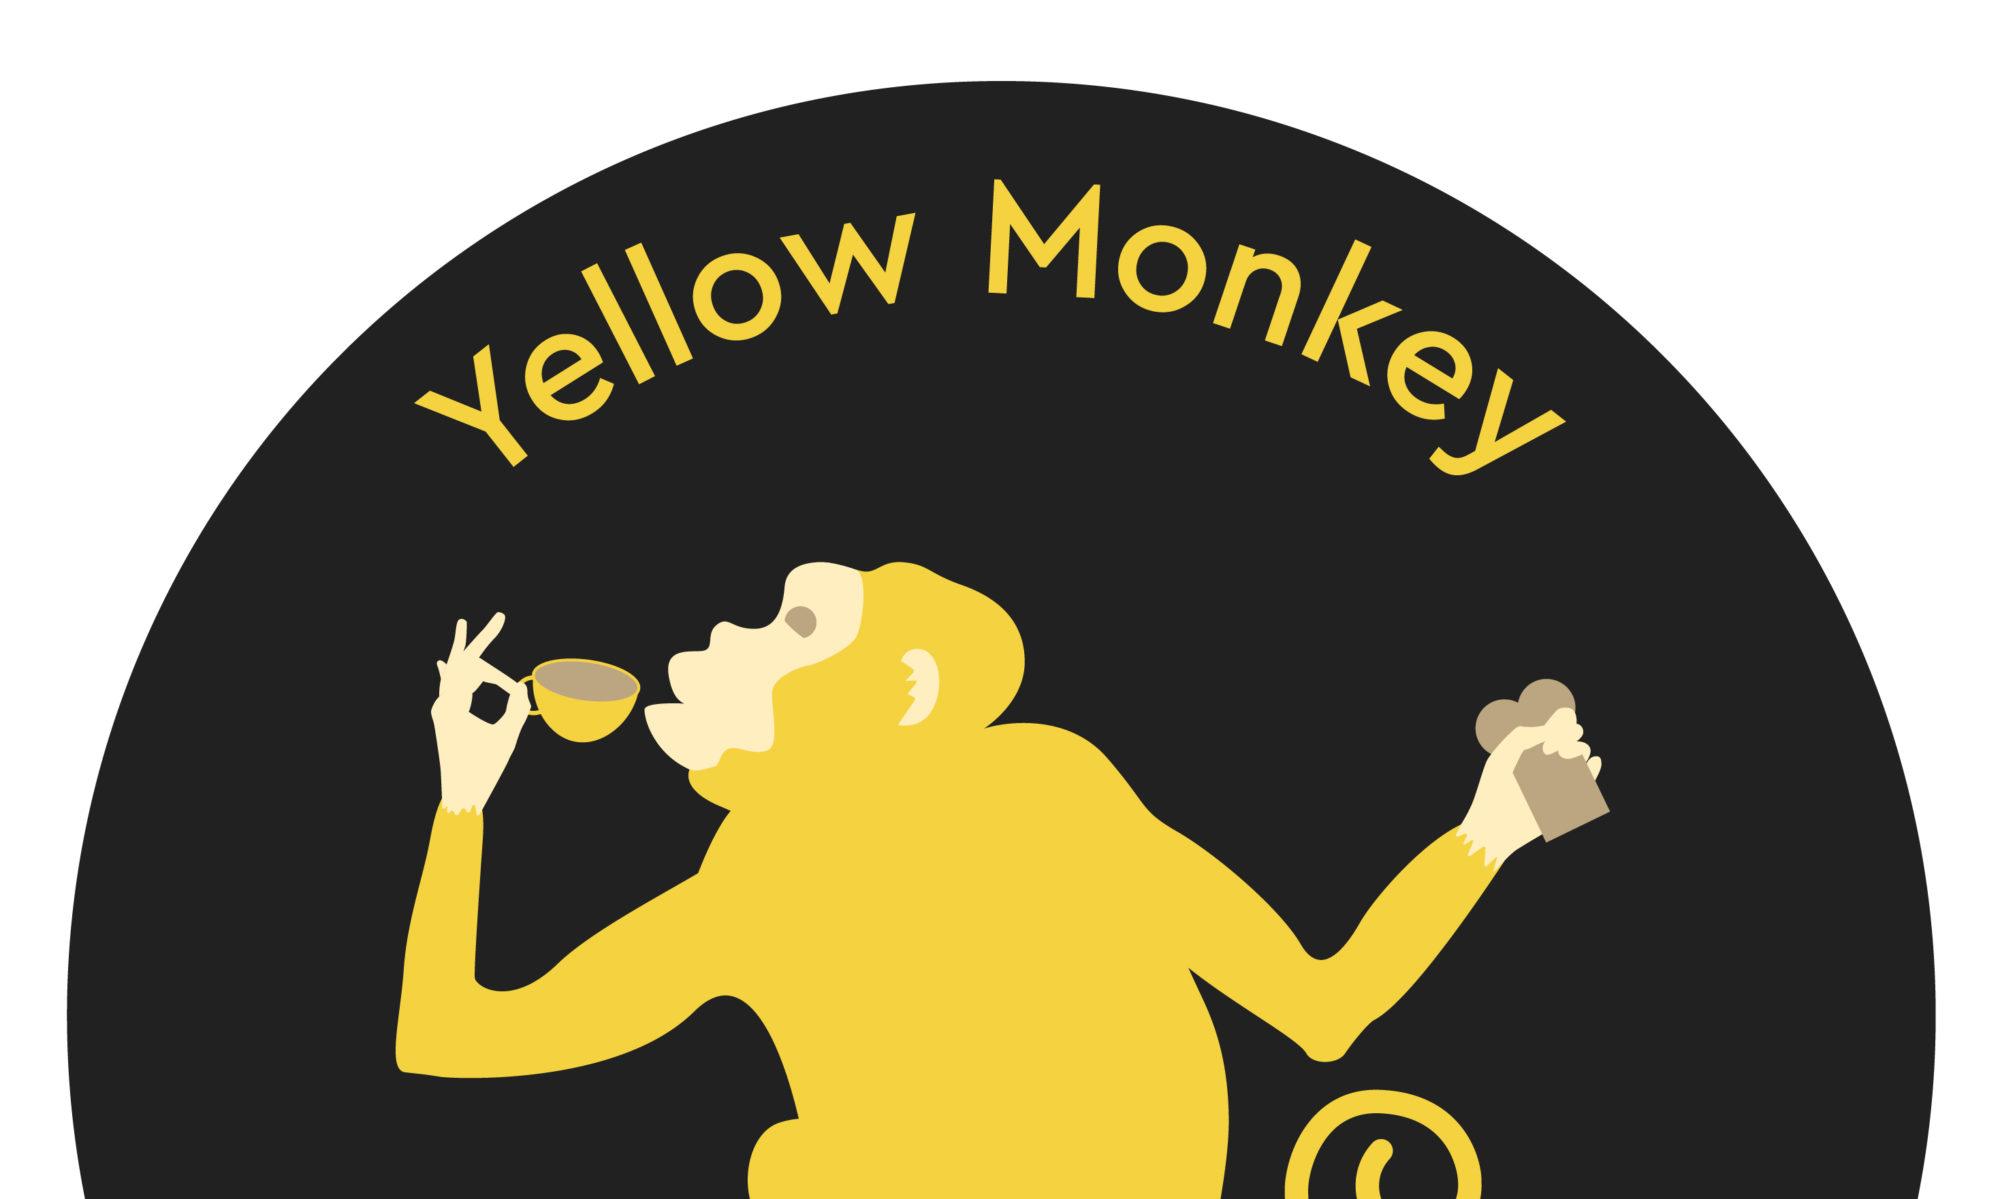 Welkom bij yellow monkey